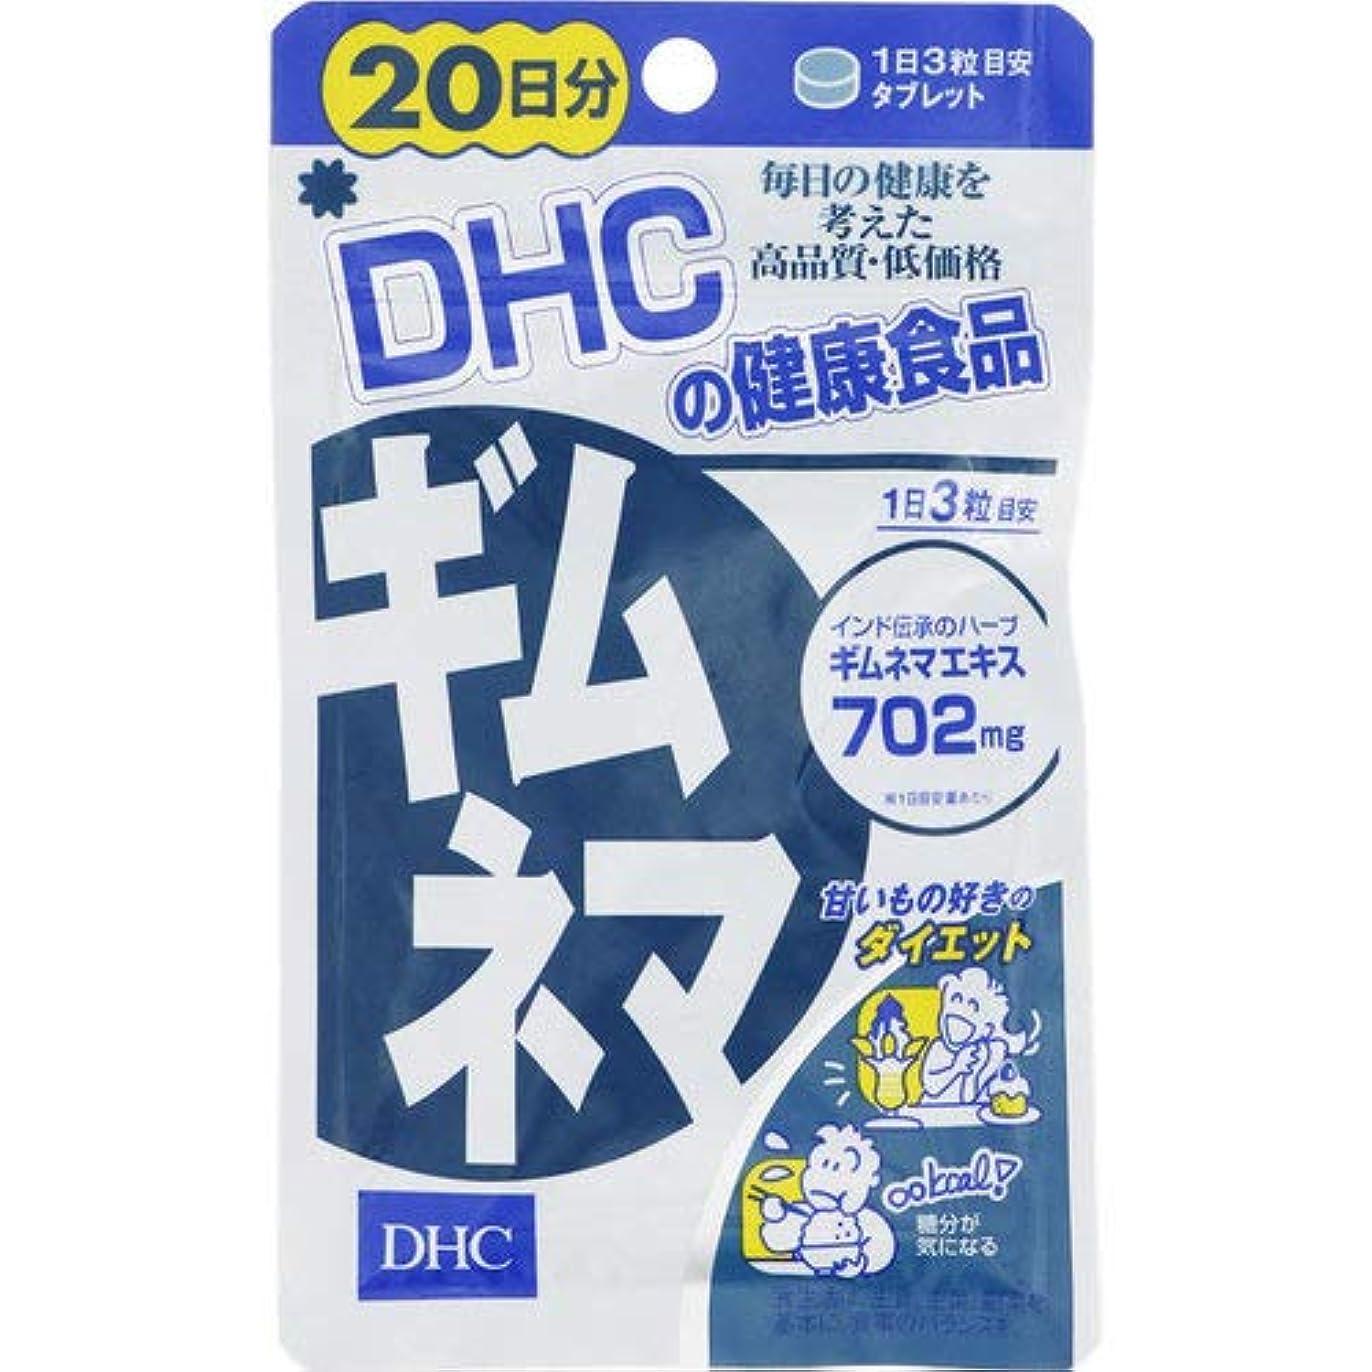 狂信者エミュレートするタイプ【DHC】ギムネマ 20日分 (60粒)